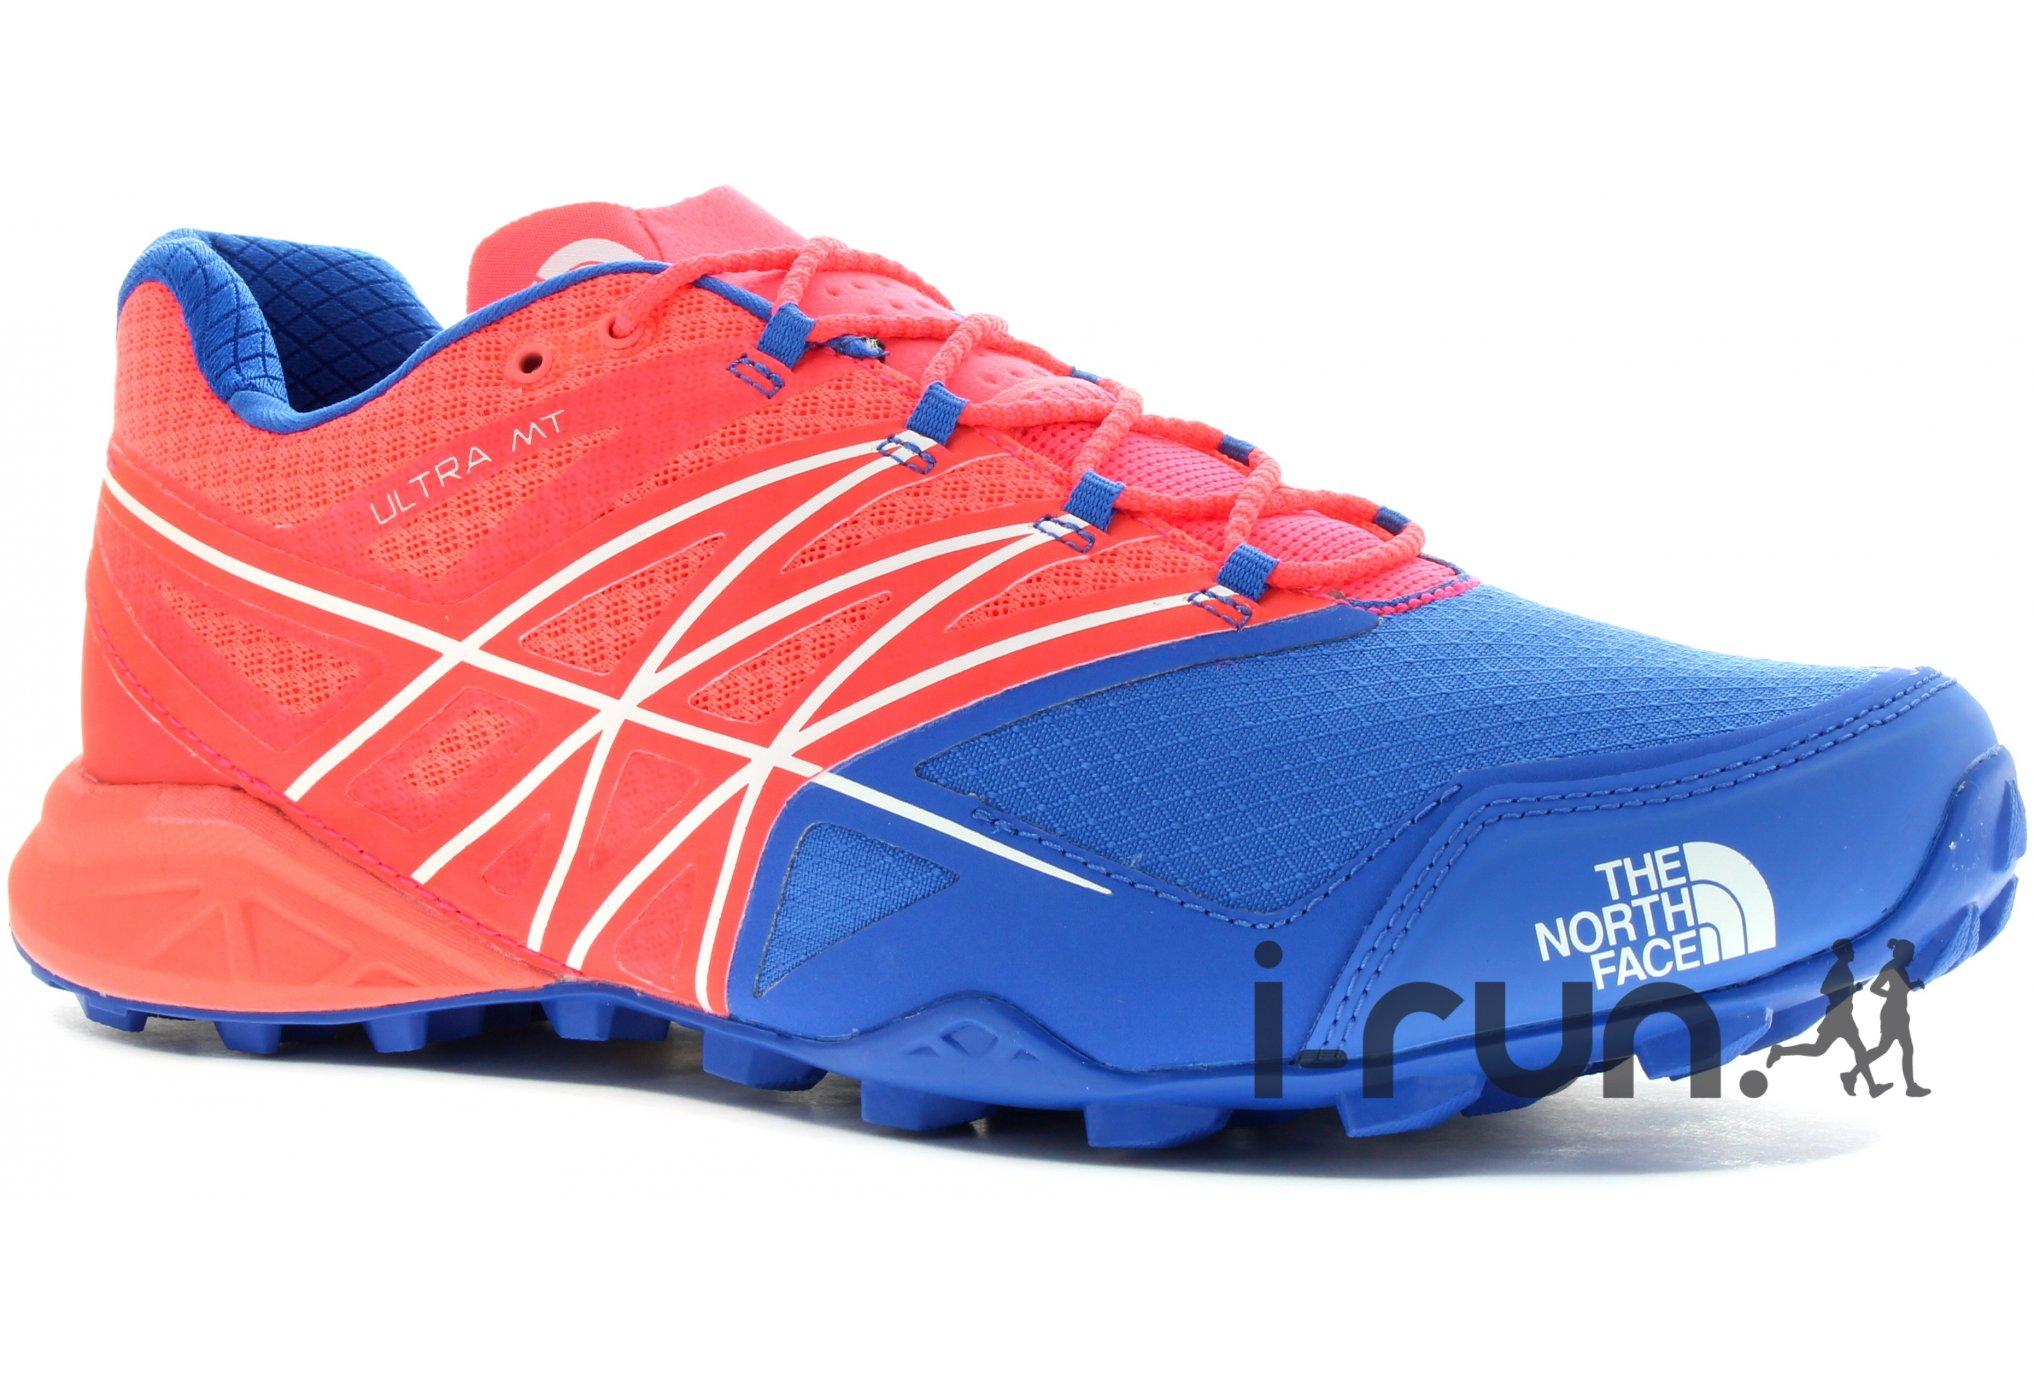 The North Face Ultra MT W Diététique Chaussures femme